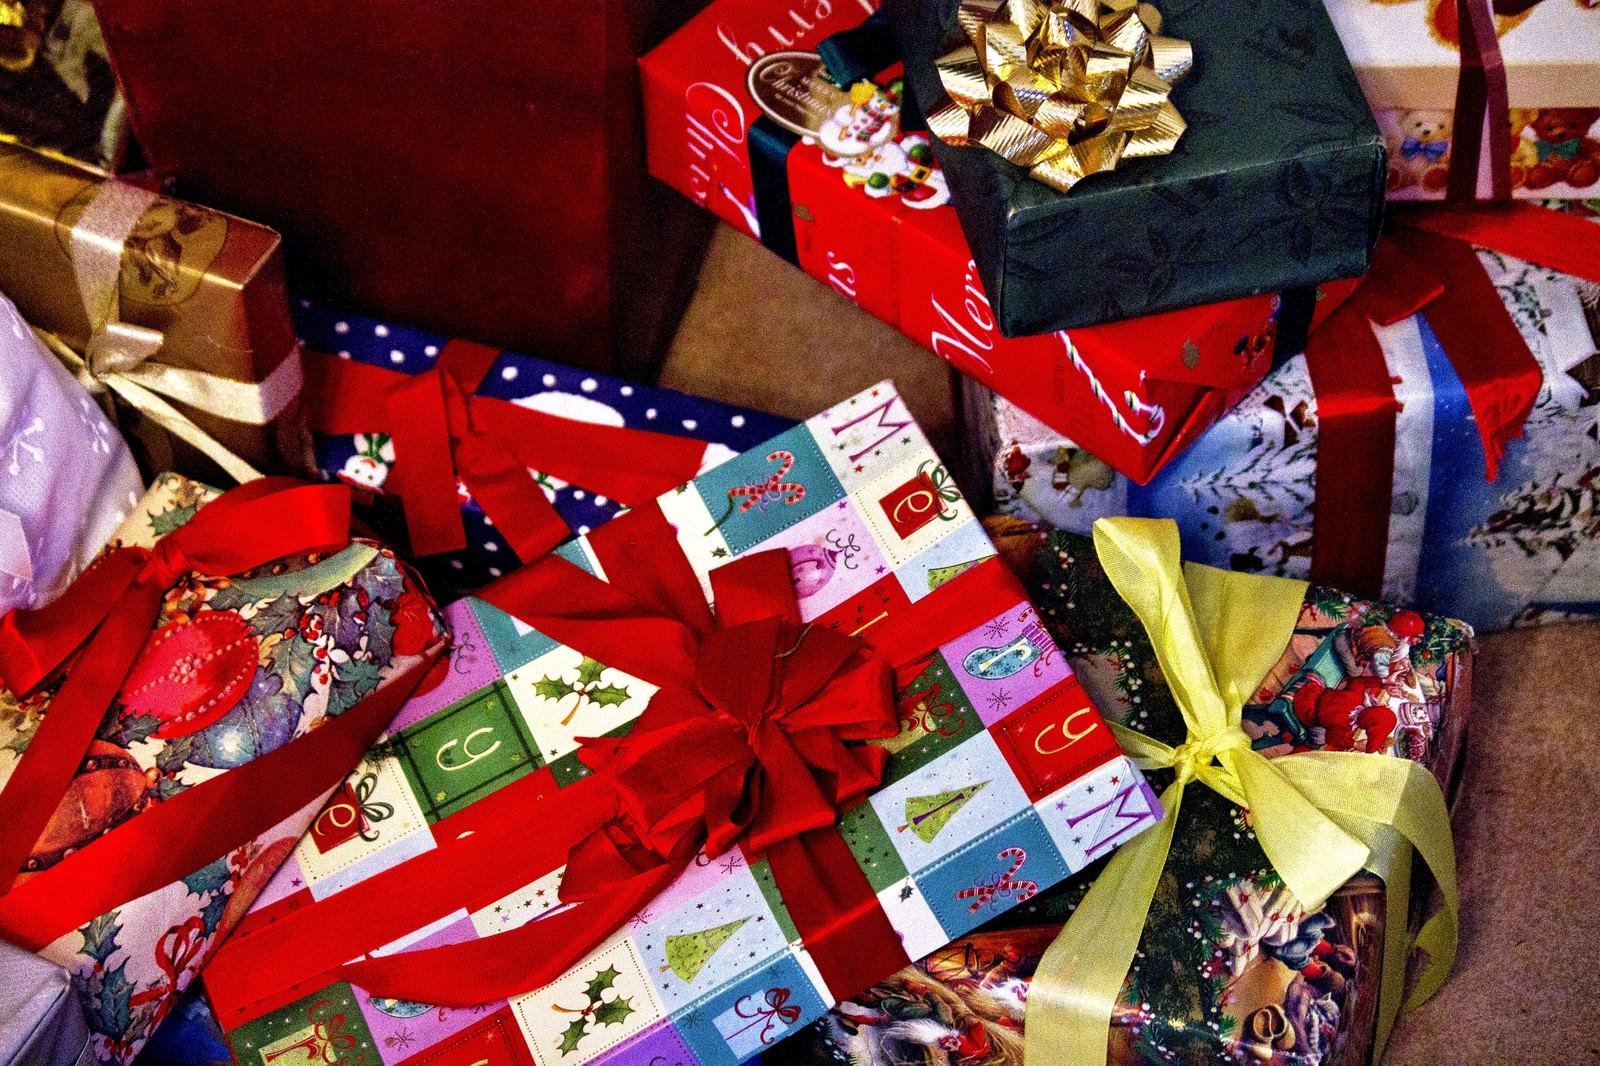 「赤いリボンのクリスマスプレゼント赤いリボンのクリスマスプレゼント」のフリー写真素材を拡大